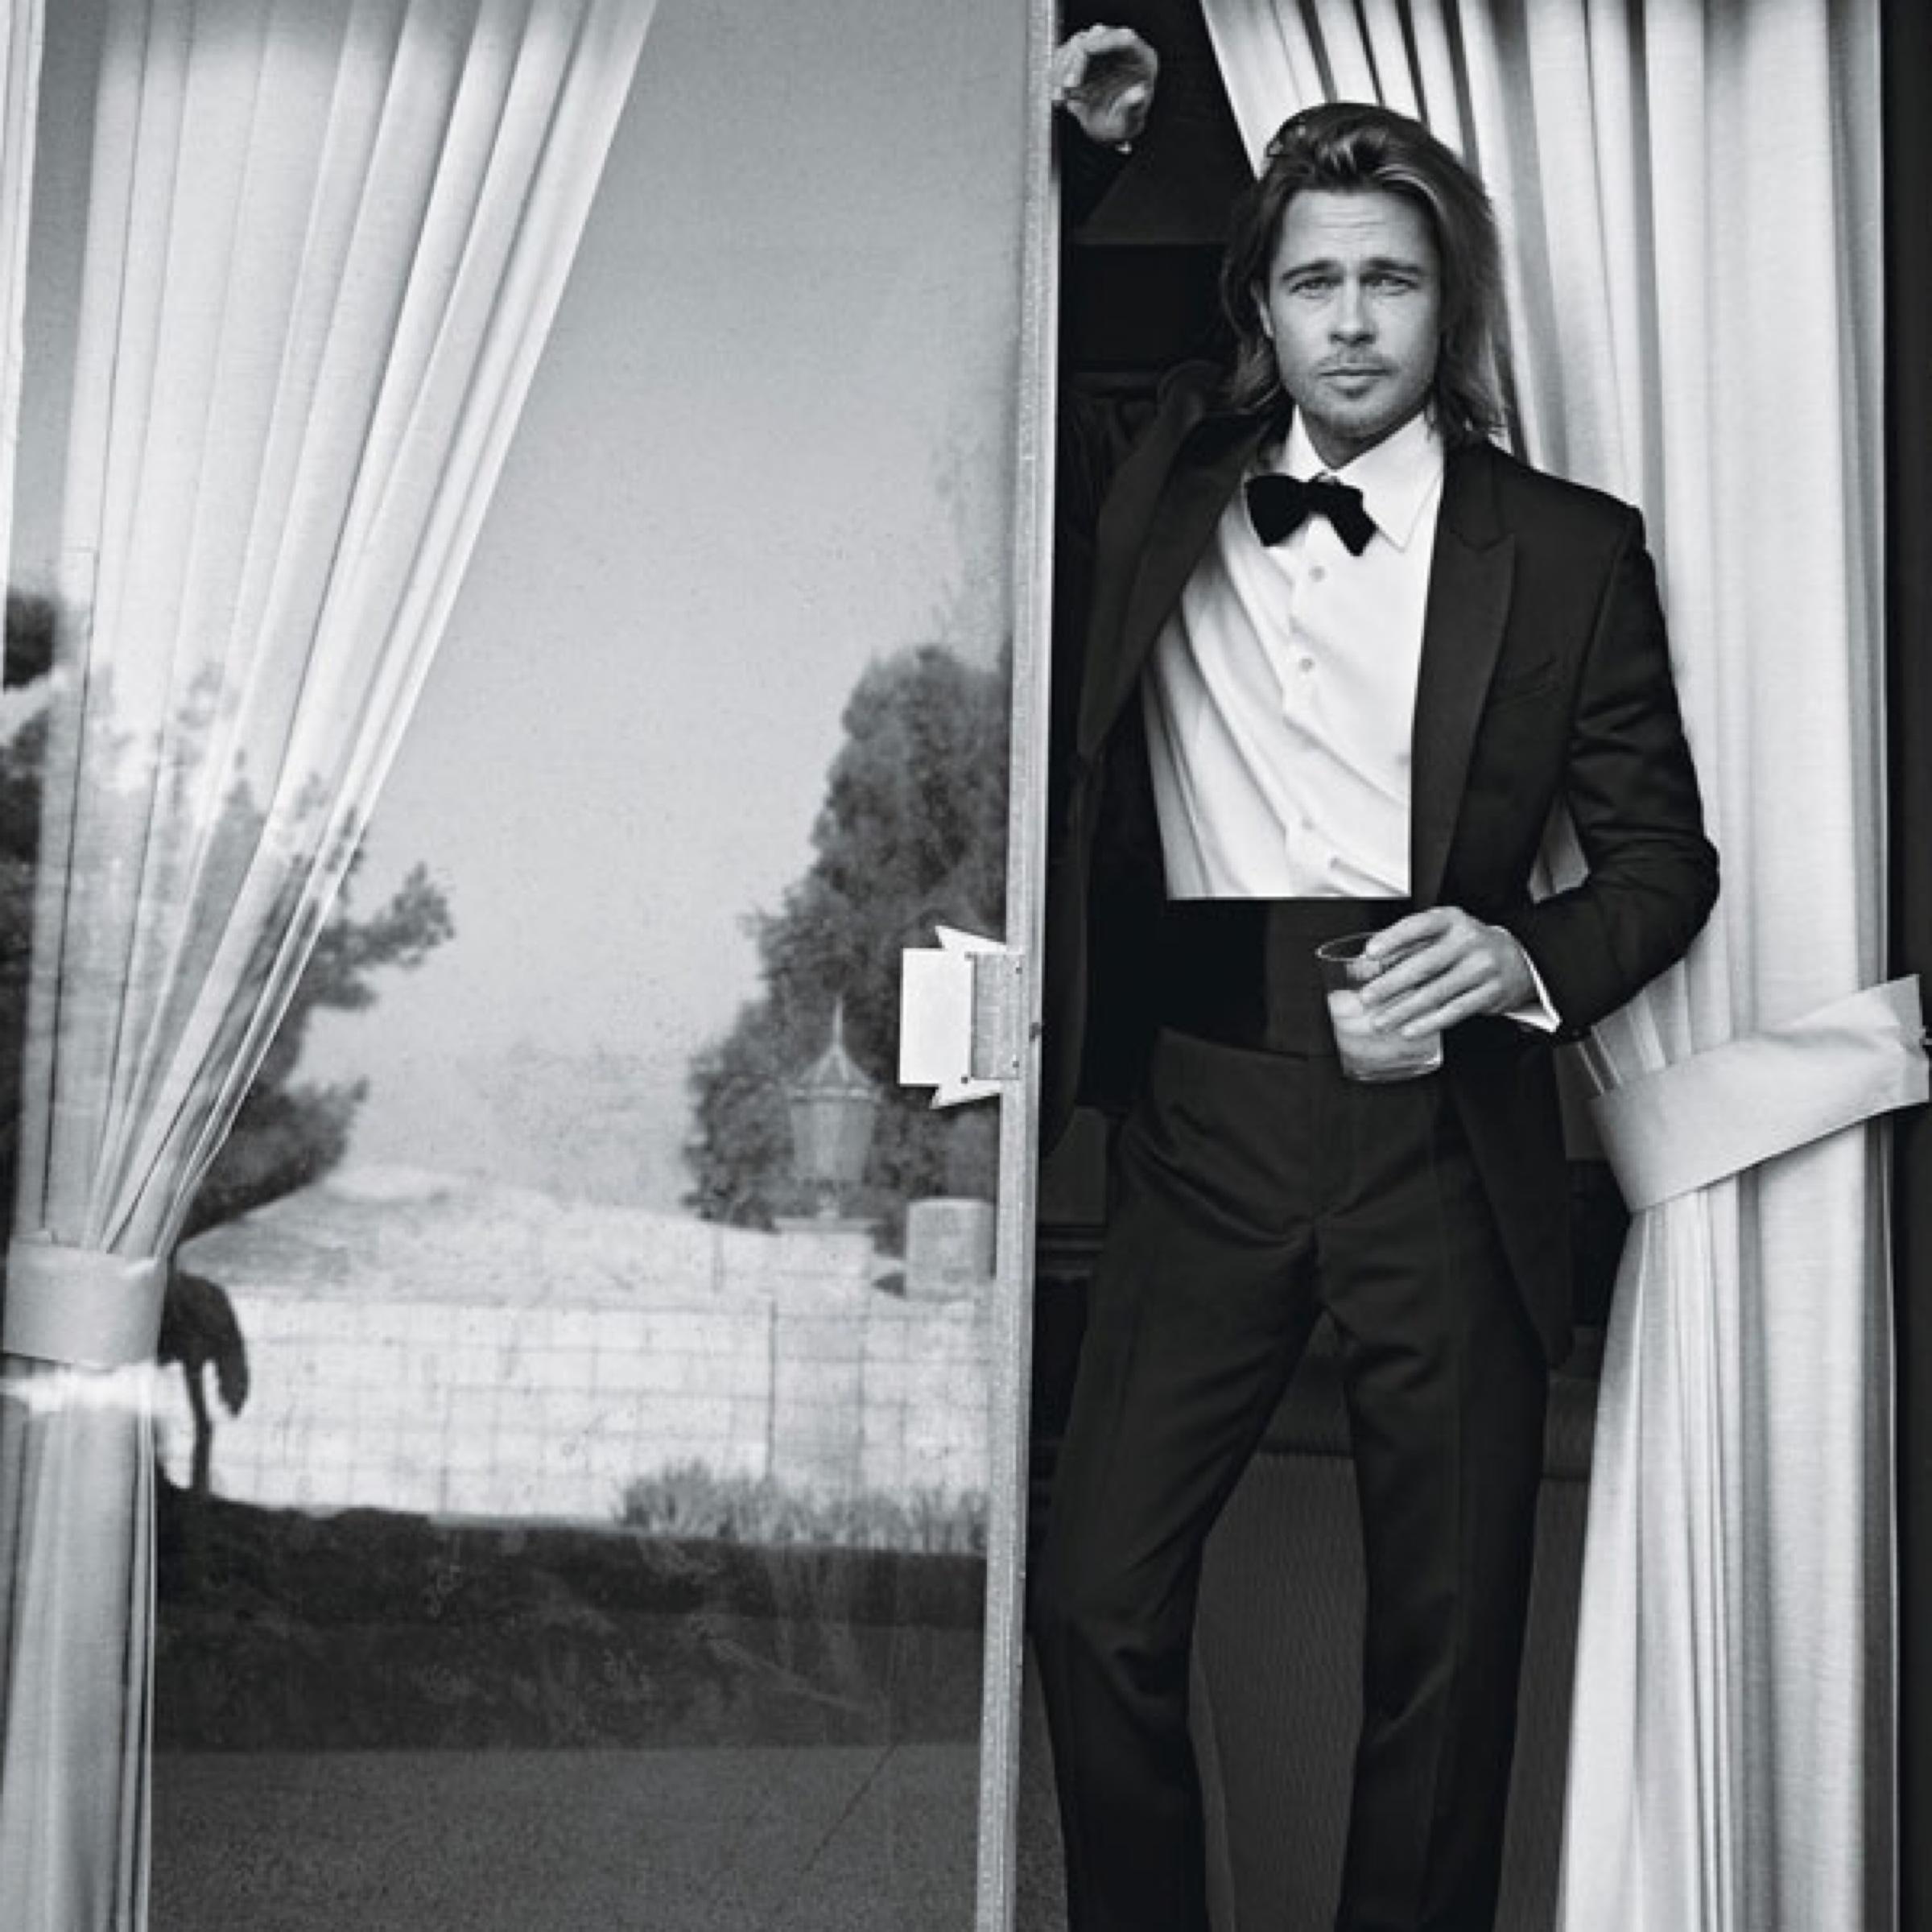 Brad Pitt wearing a Tuxedo with a cummerbund